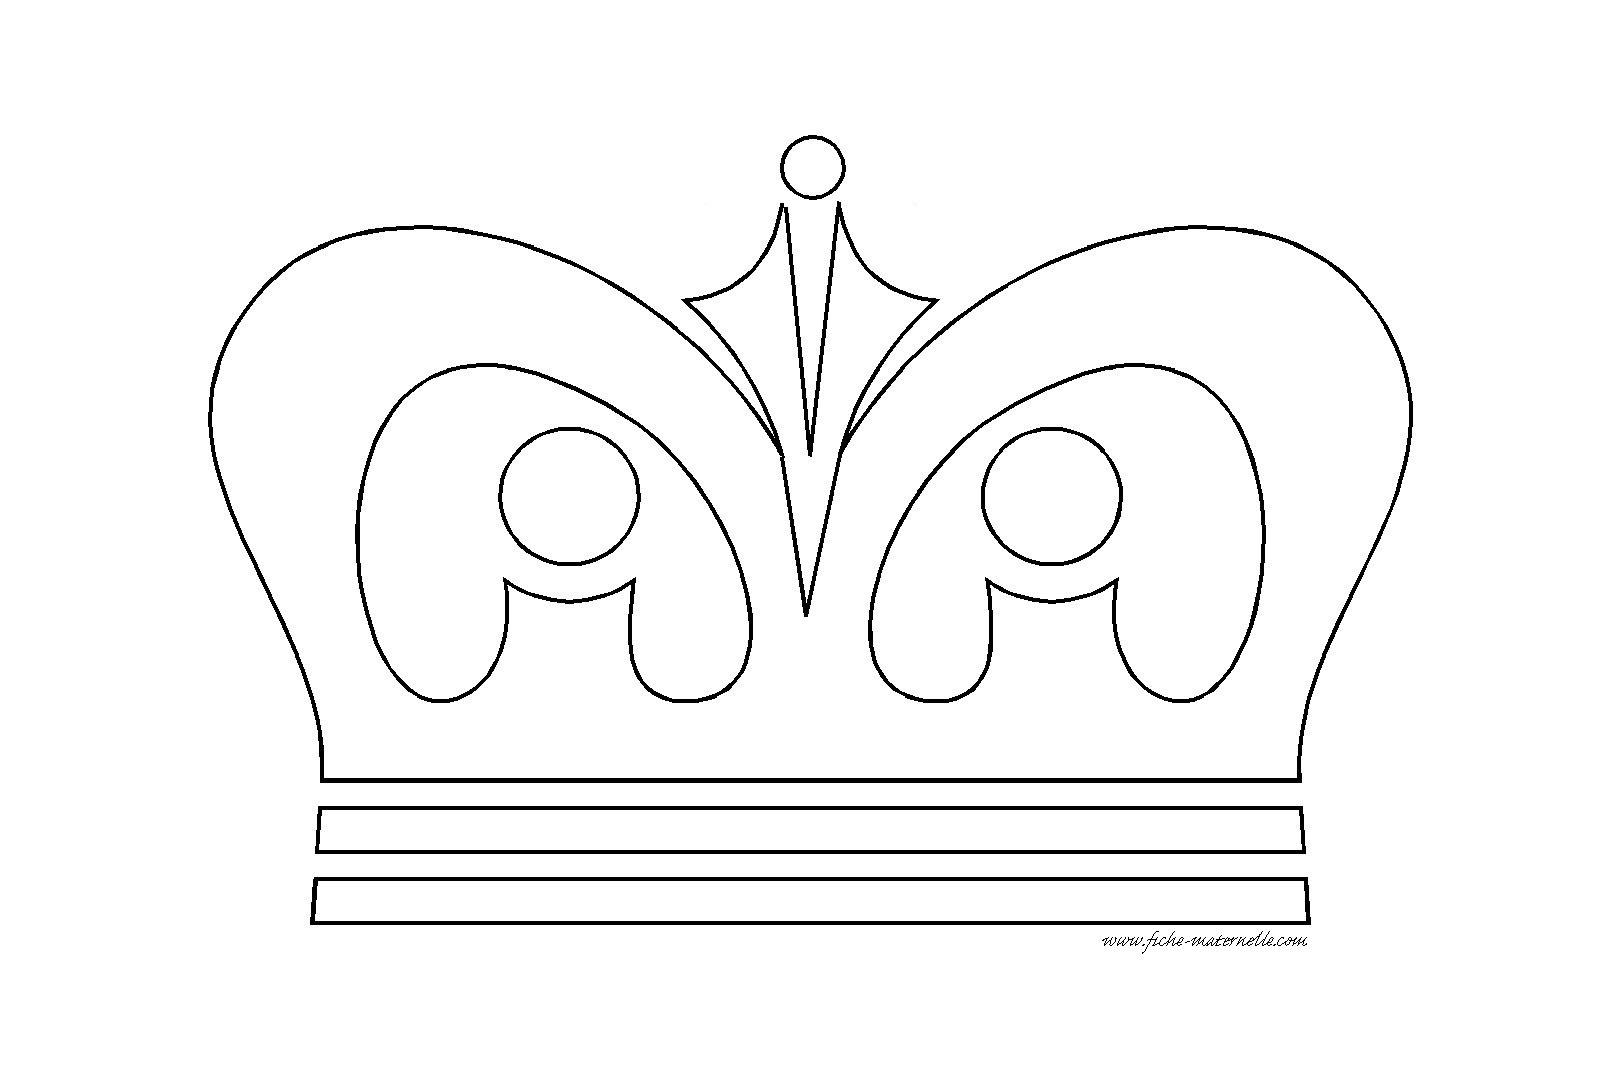 Coloriage de couronne de roi pour enfants de maternelle PS ...